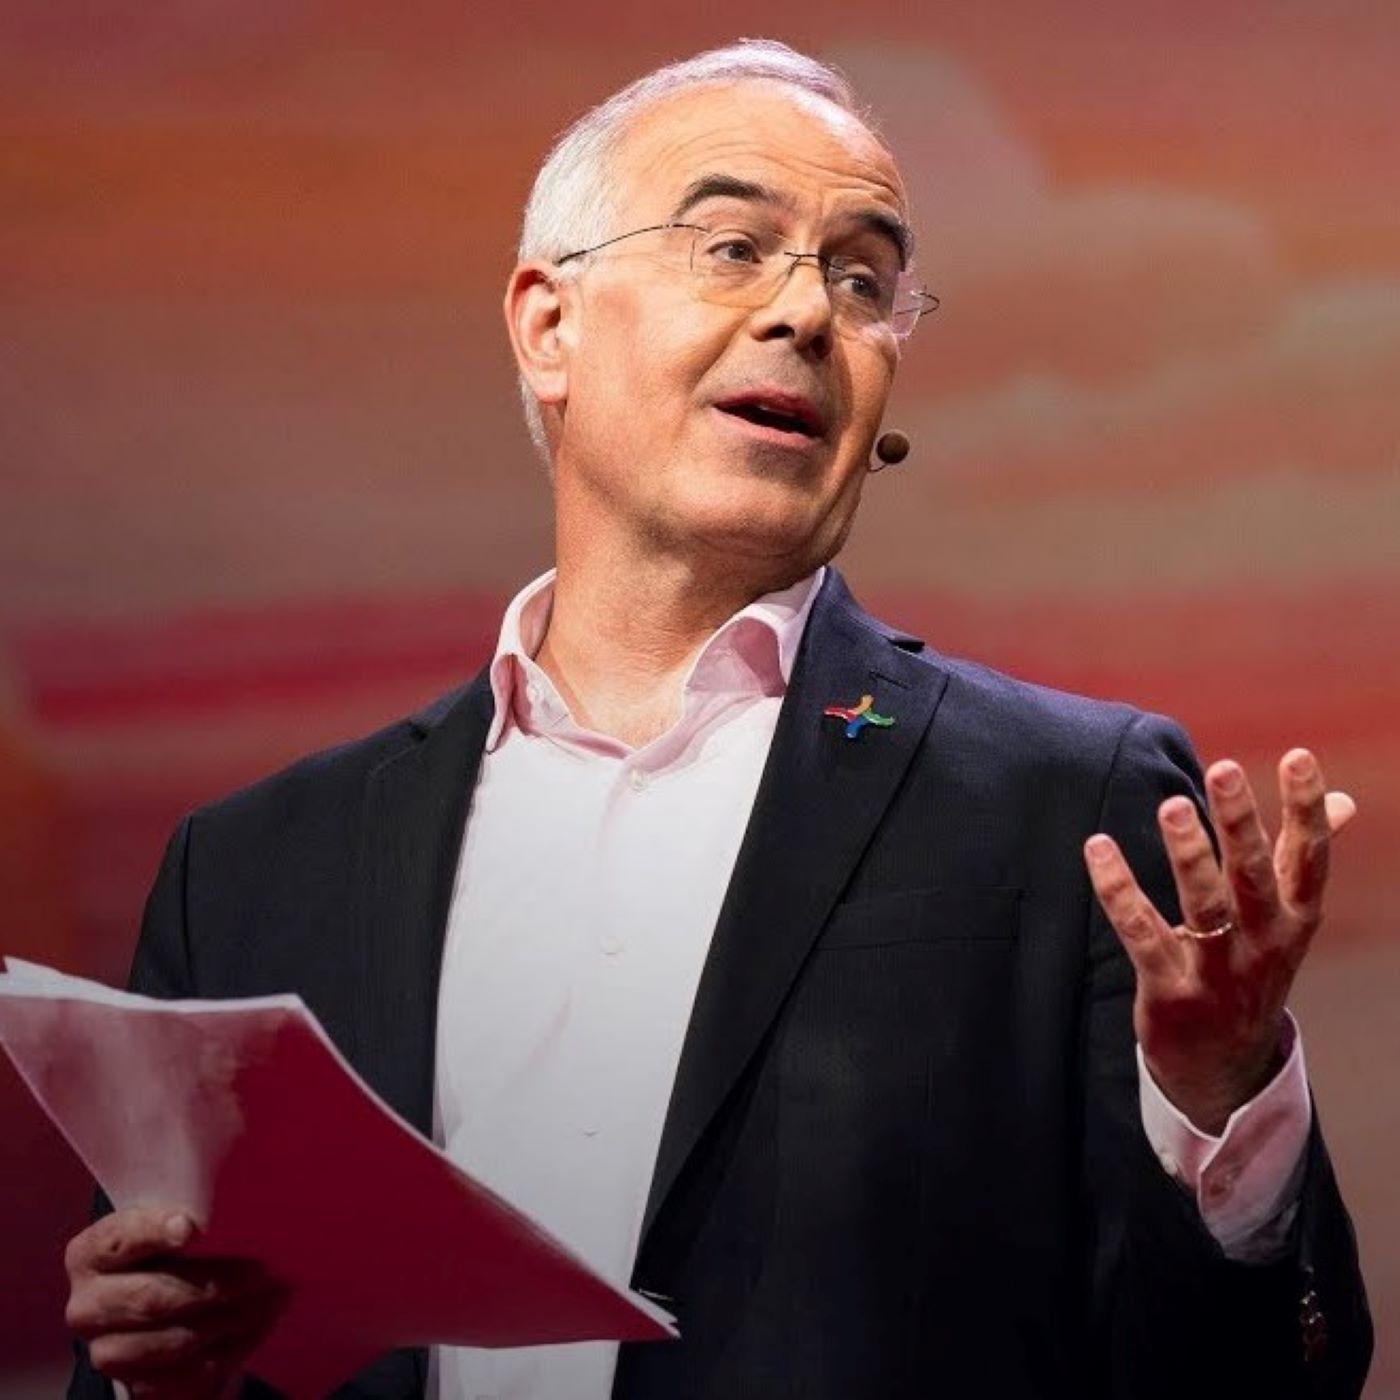 Общество навязывает нам ложные ценности — но мы можем жить лучше (Дэвид Брукс)